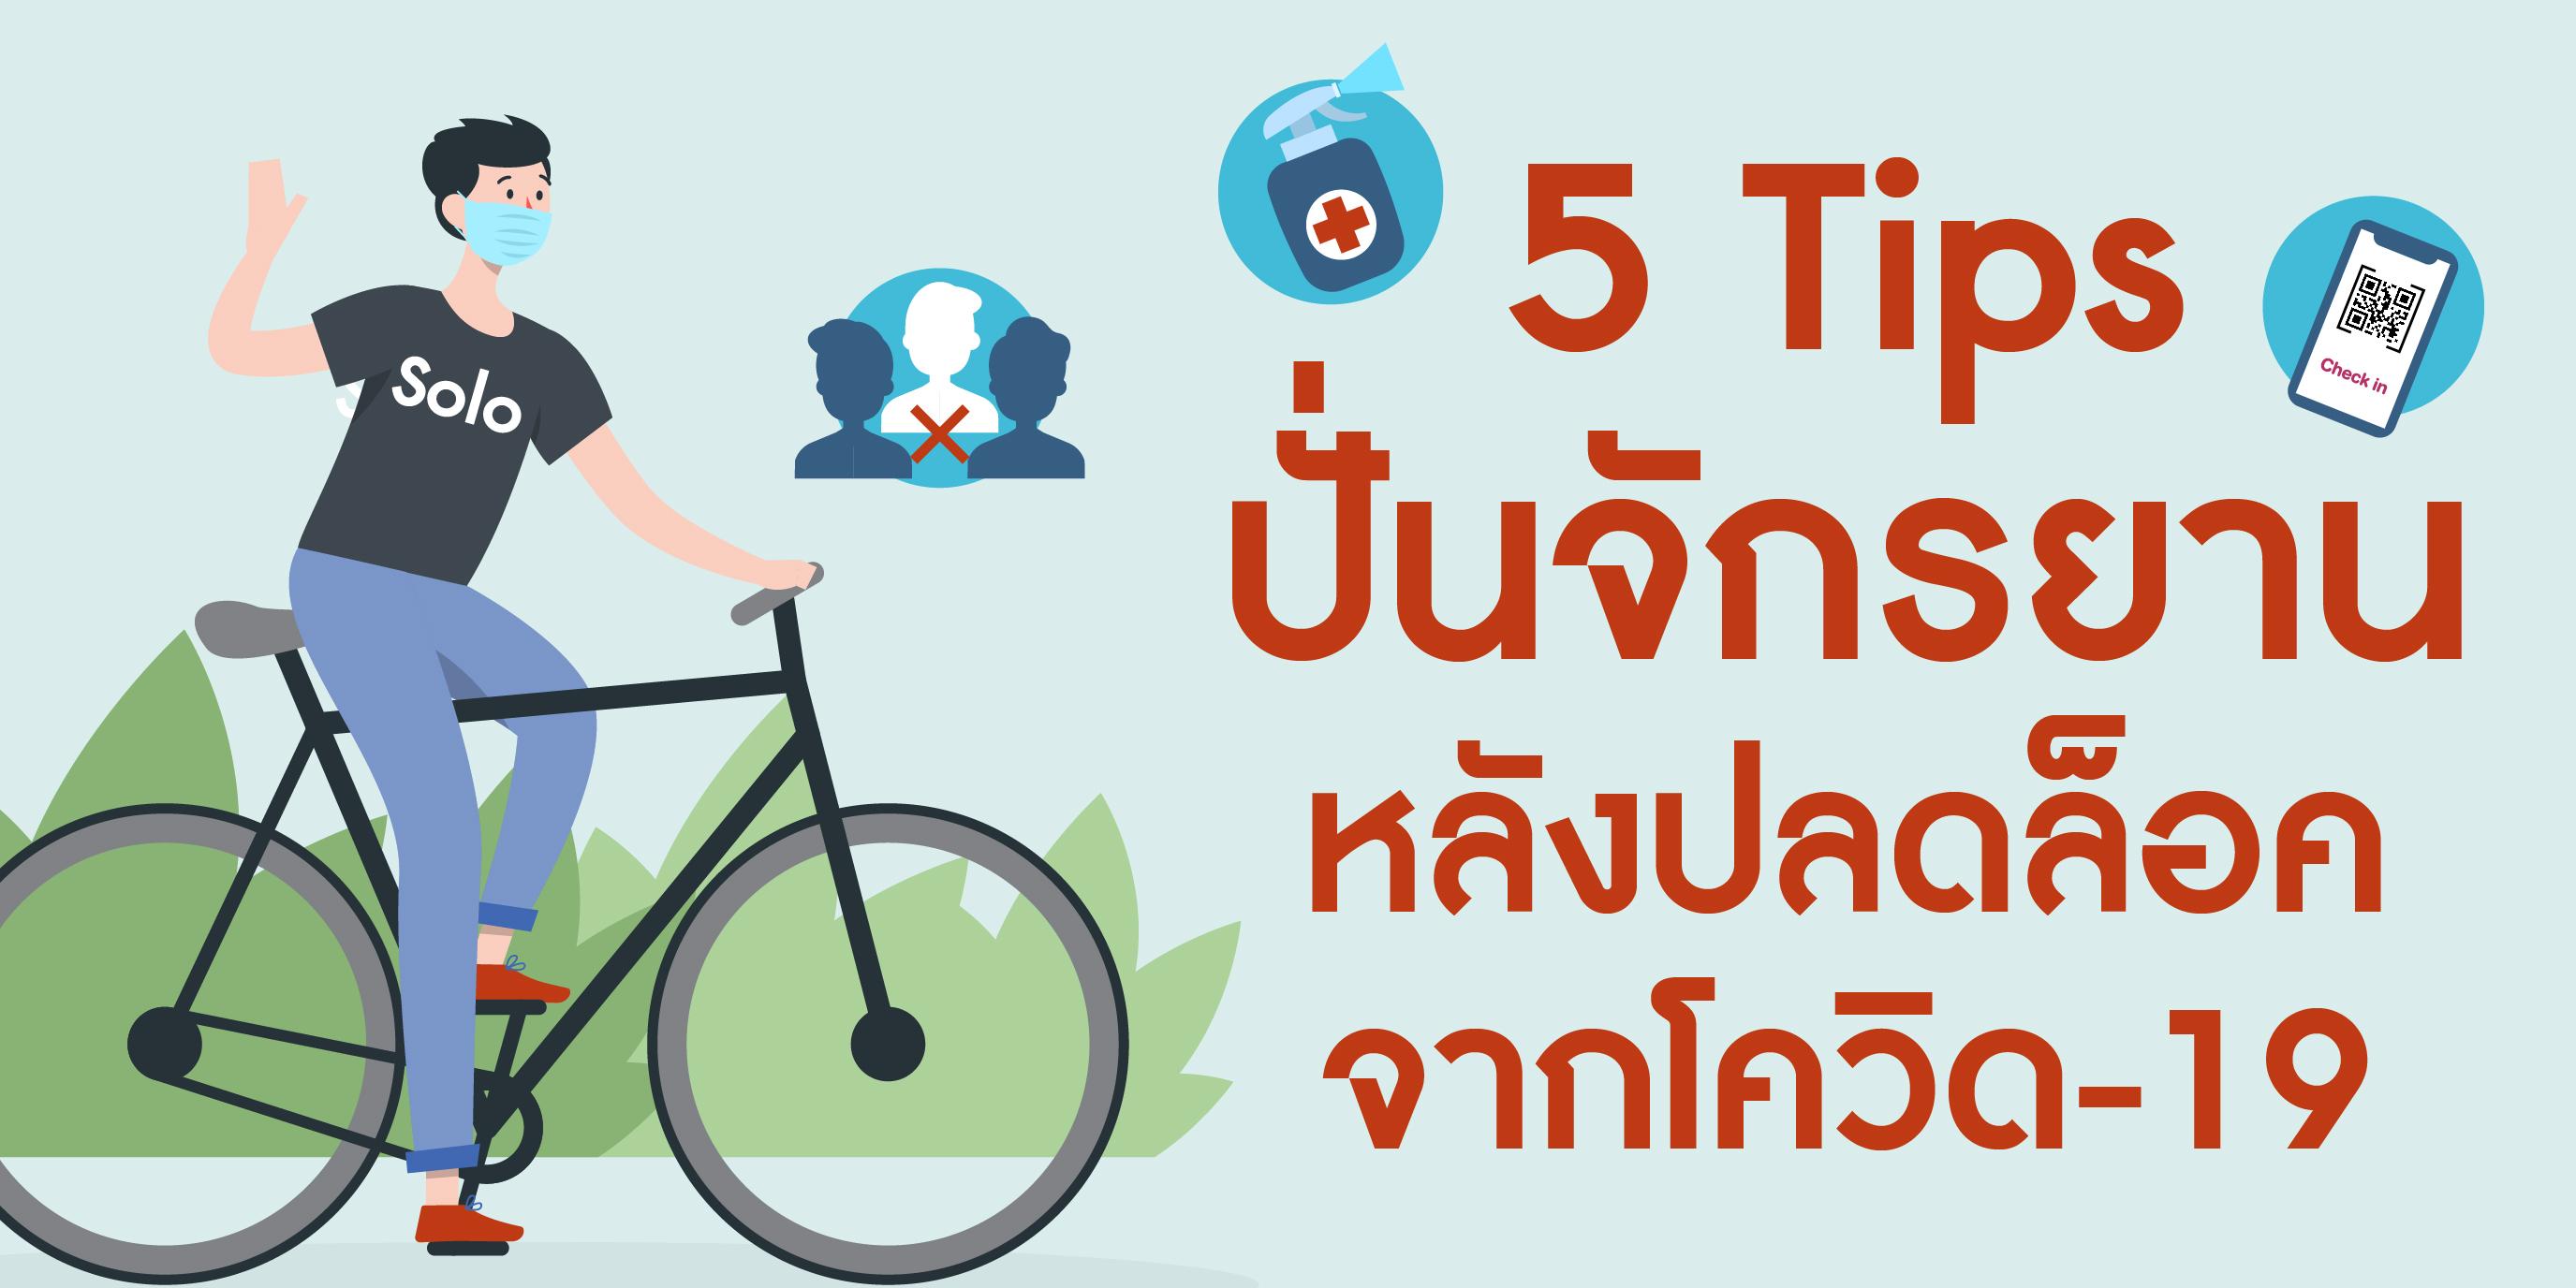 5Tips ปั่นจักรยานหลังปลดล็อคจากโควิด-19